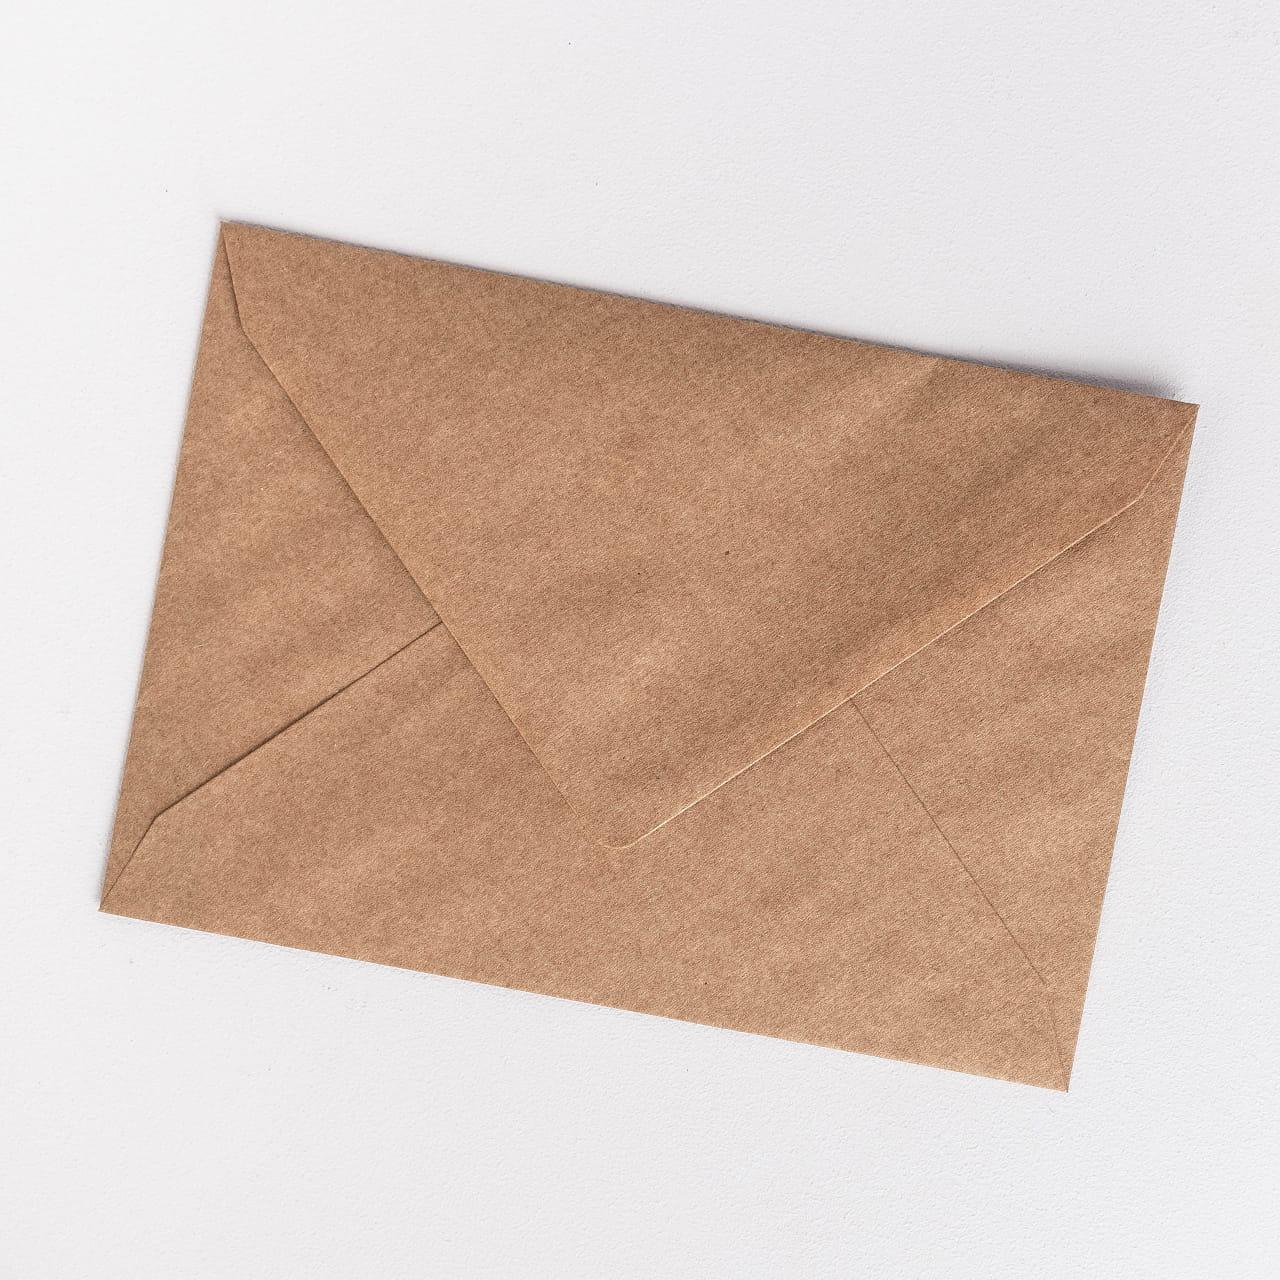 Kartka z misiem jako dodatek do prezentu na roczek